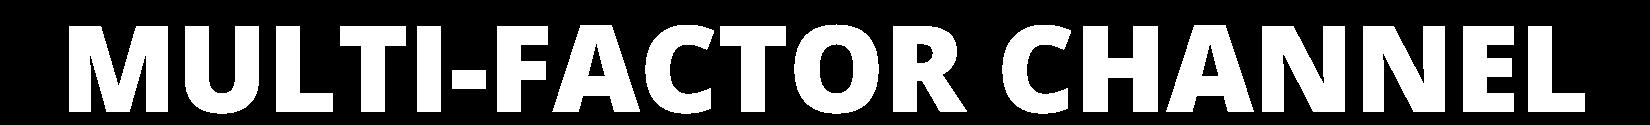 Multi-Factor Channel - ETF Trends